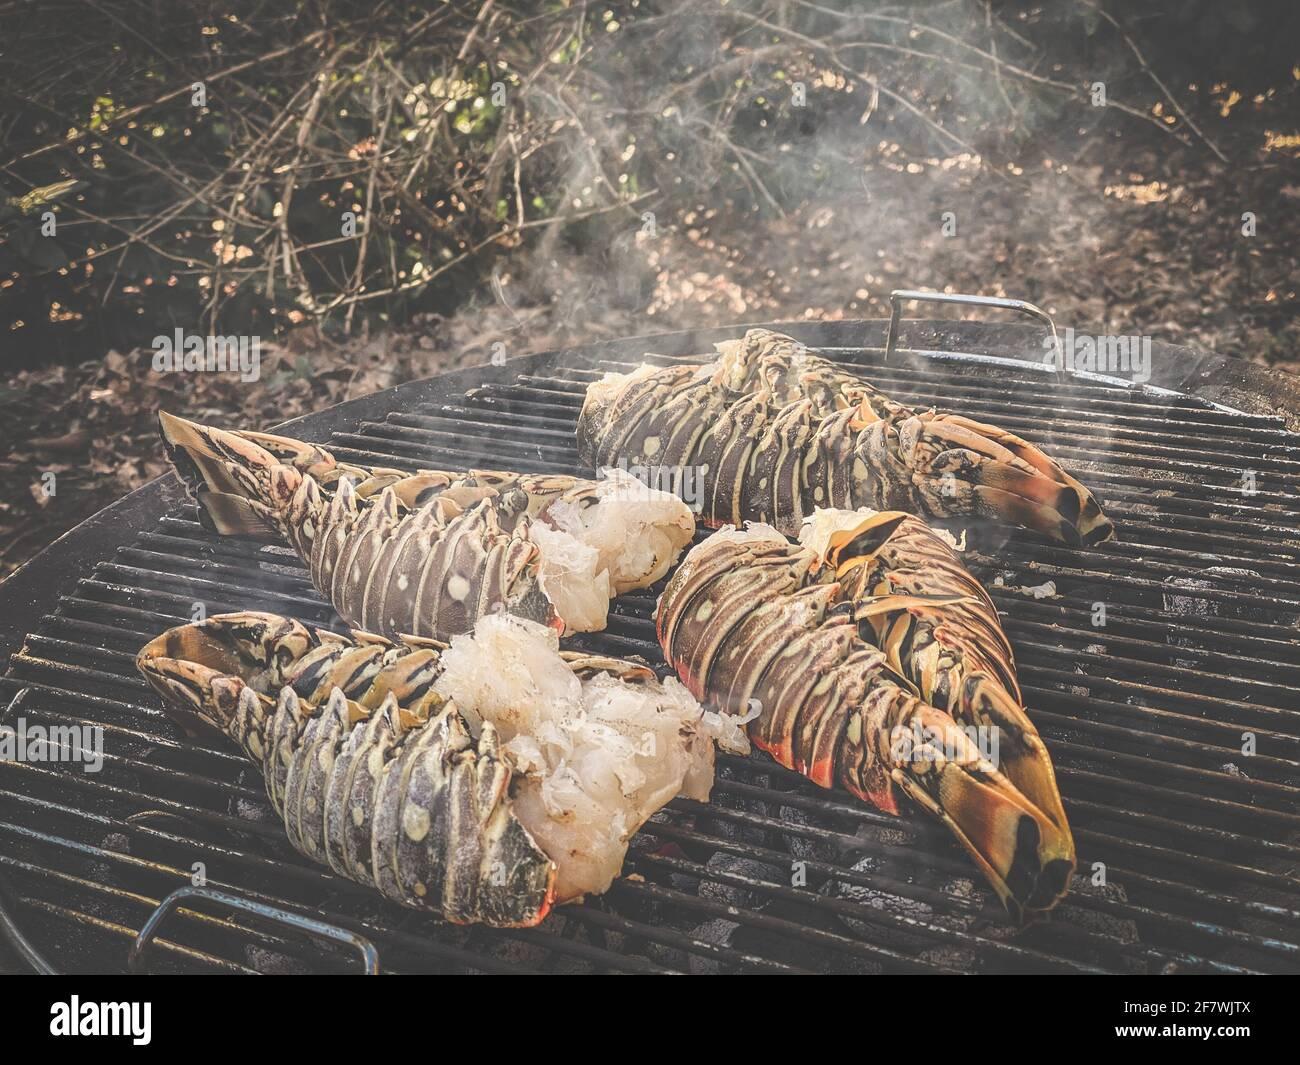 Aragoste spinose cucinate e grigliate su un barbecue in un giardino Foto Stock